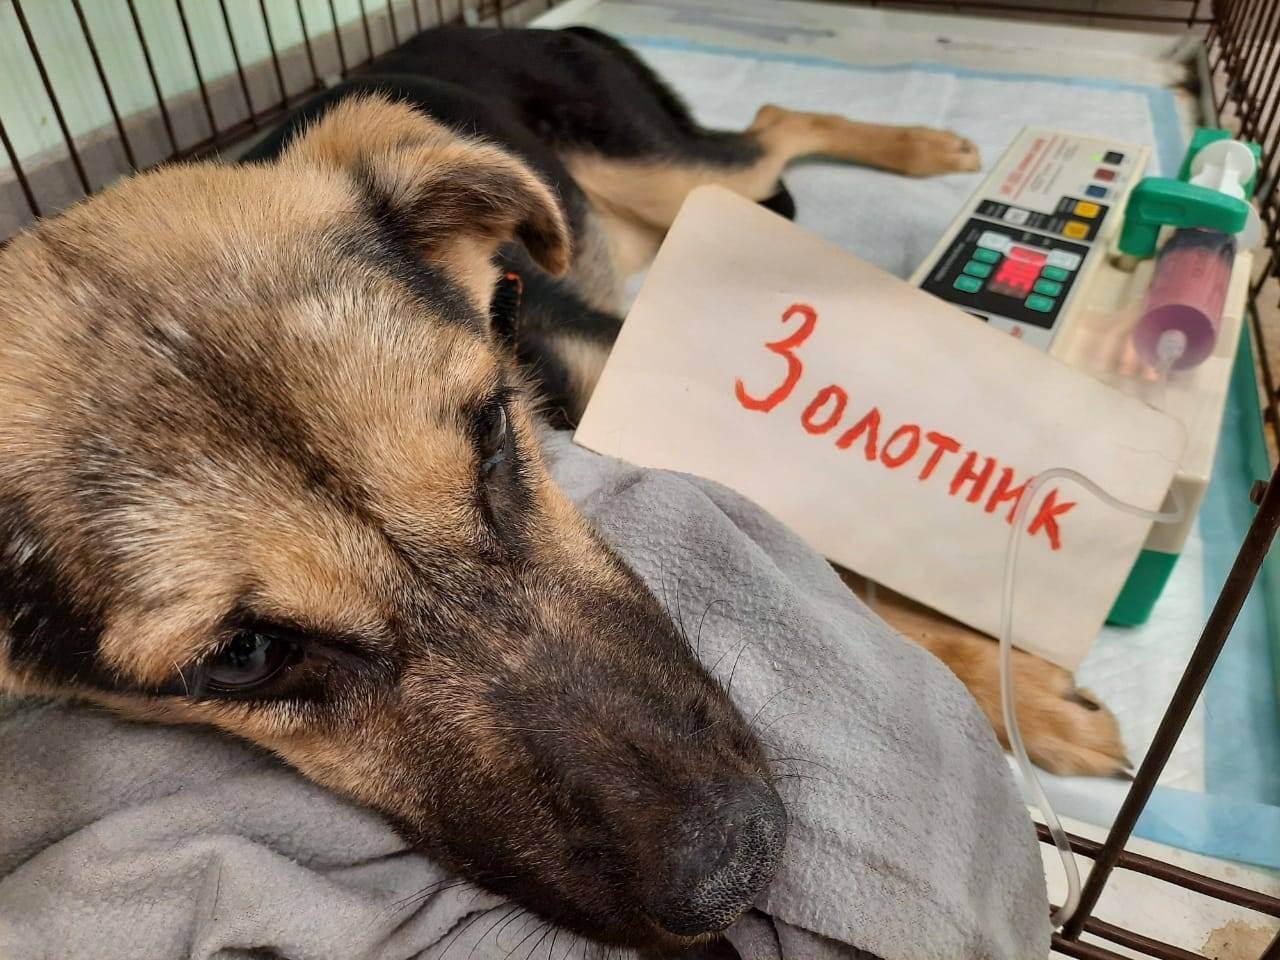 Православная церковь об усыплении животных: отношение, мнение и ответы на частые вопросы